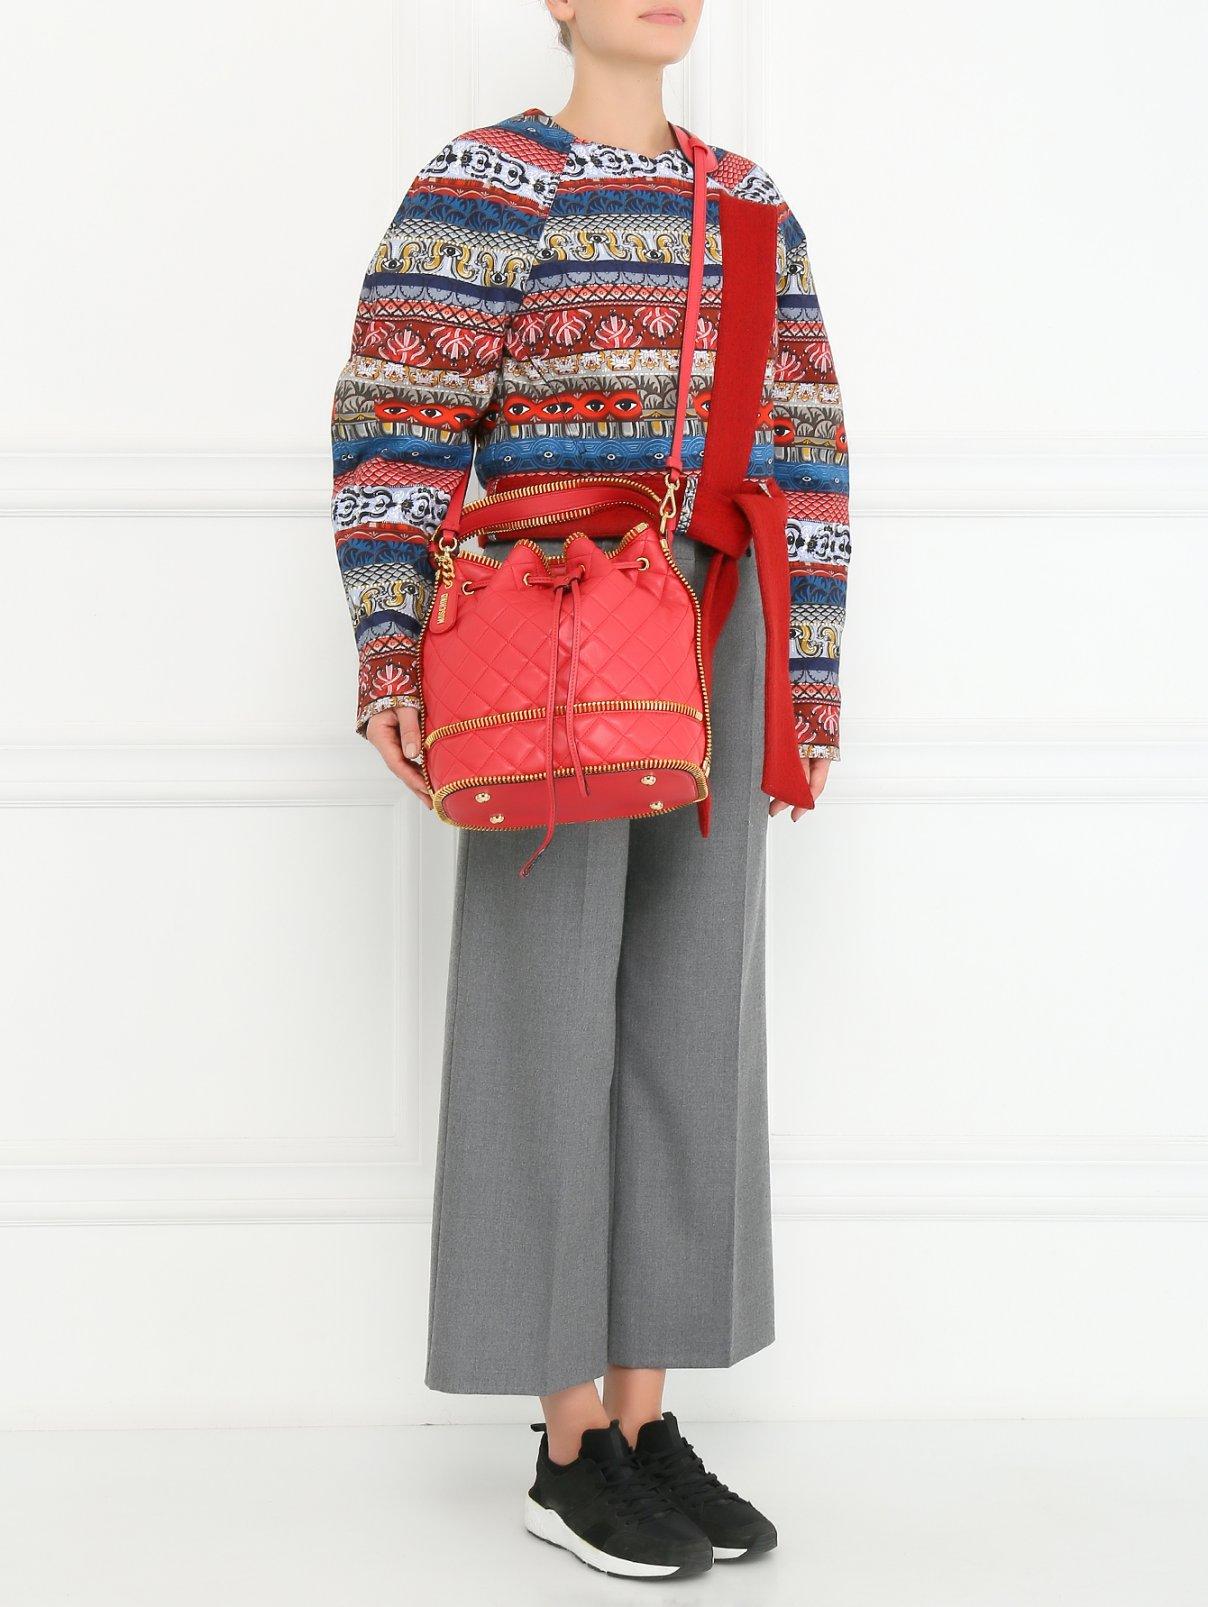 Сумка-мешок с металлической отделкой на  плечевом ремне Moschino Couture  –  Модель Общий вид